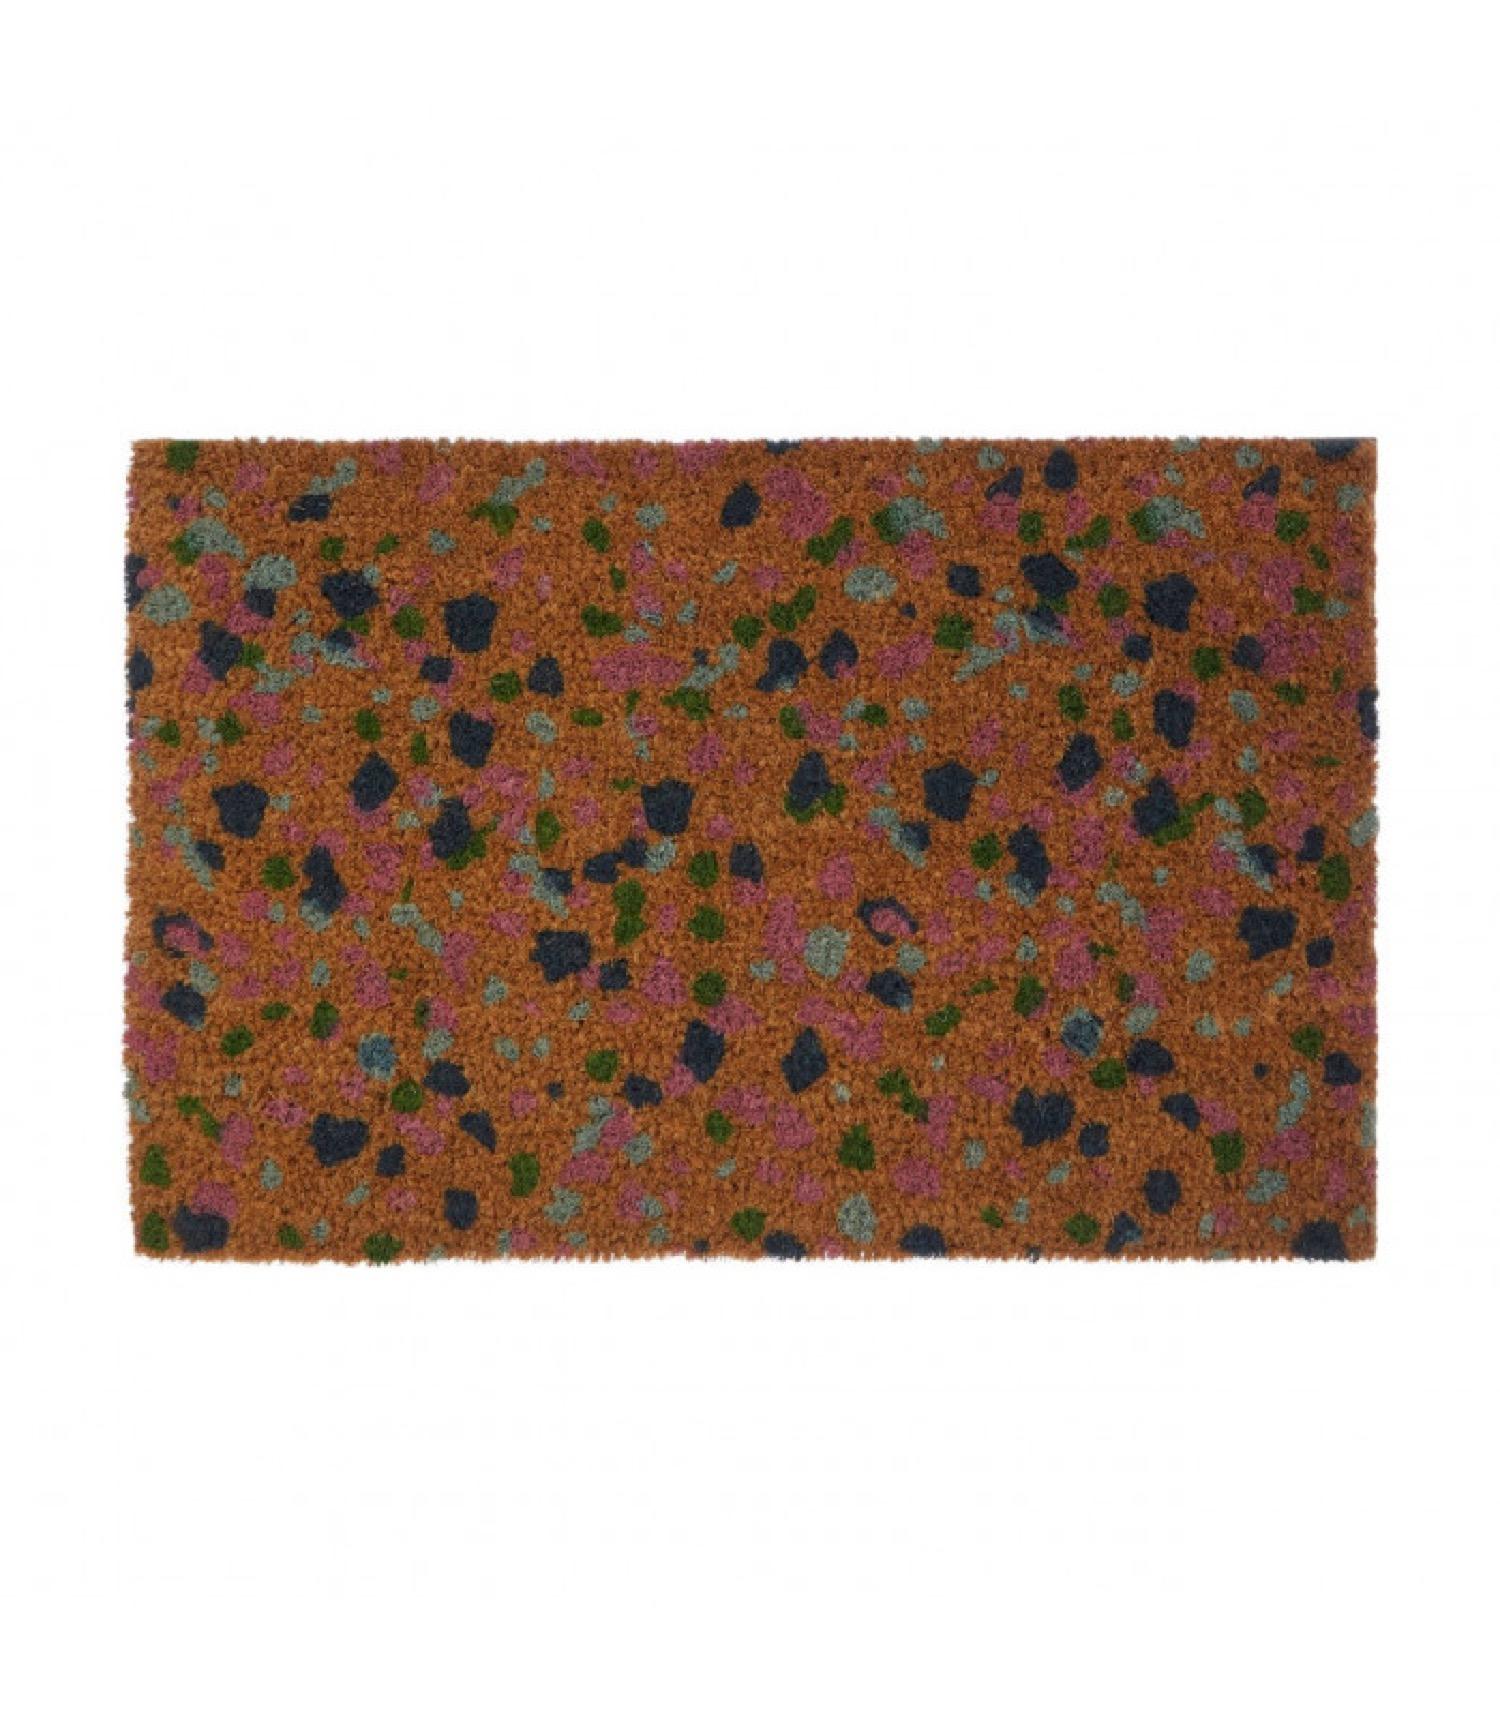 Paillasson coco multicolore terrazzo 60x40cm